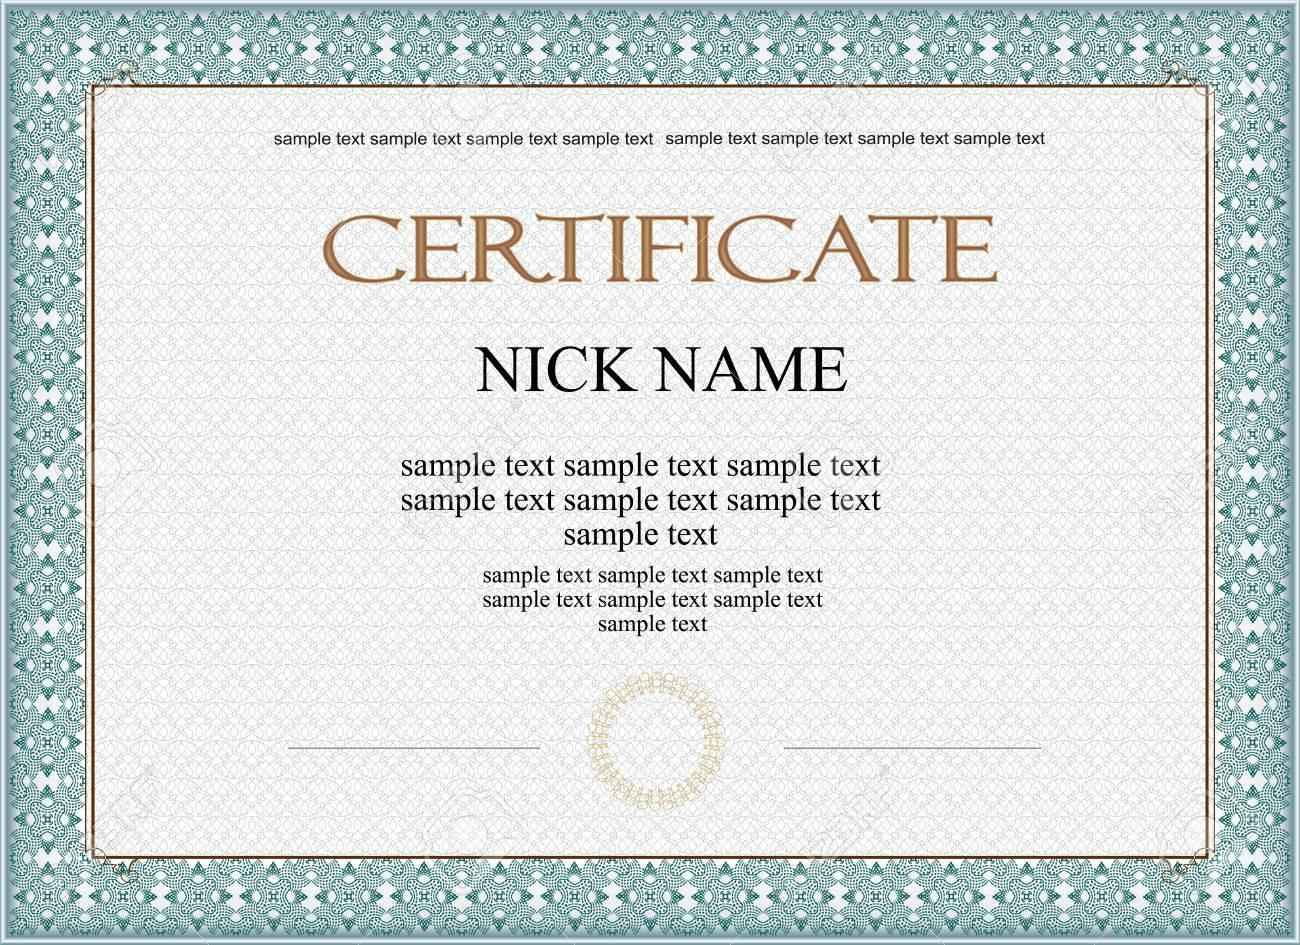 Certificat Diplome Pour Imprimer Clip Art Libres De Droits Vecteurs Et Illustration Image 32503960